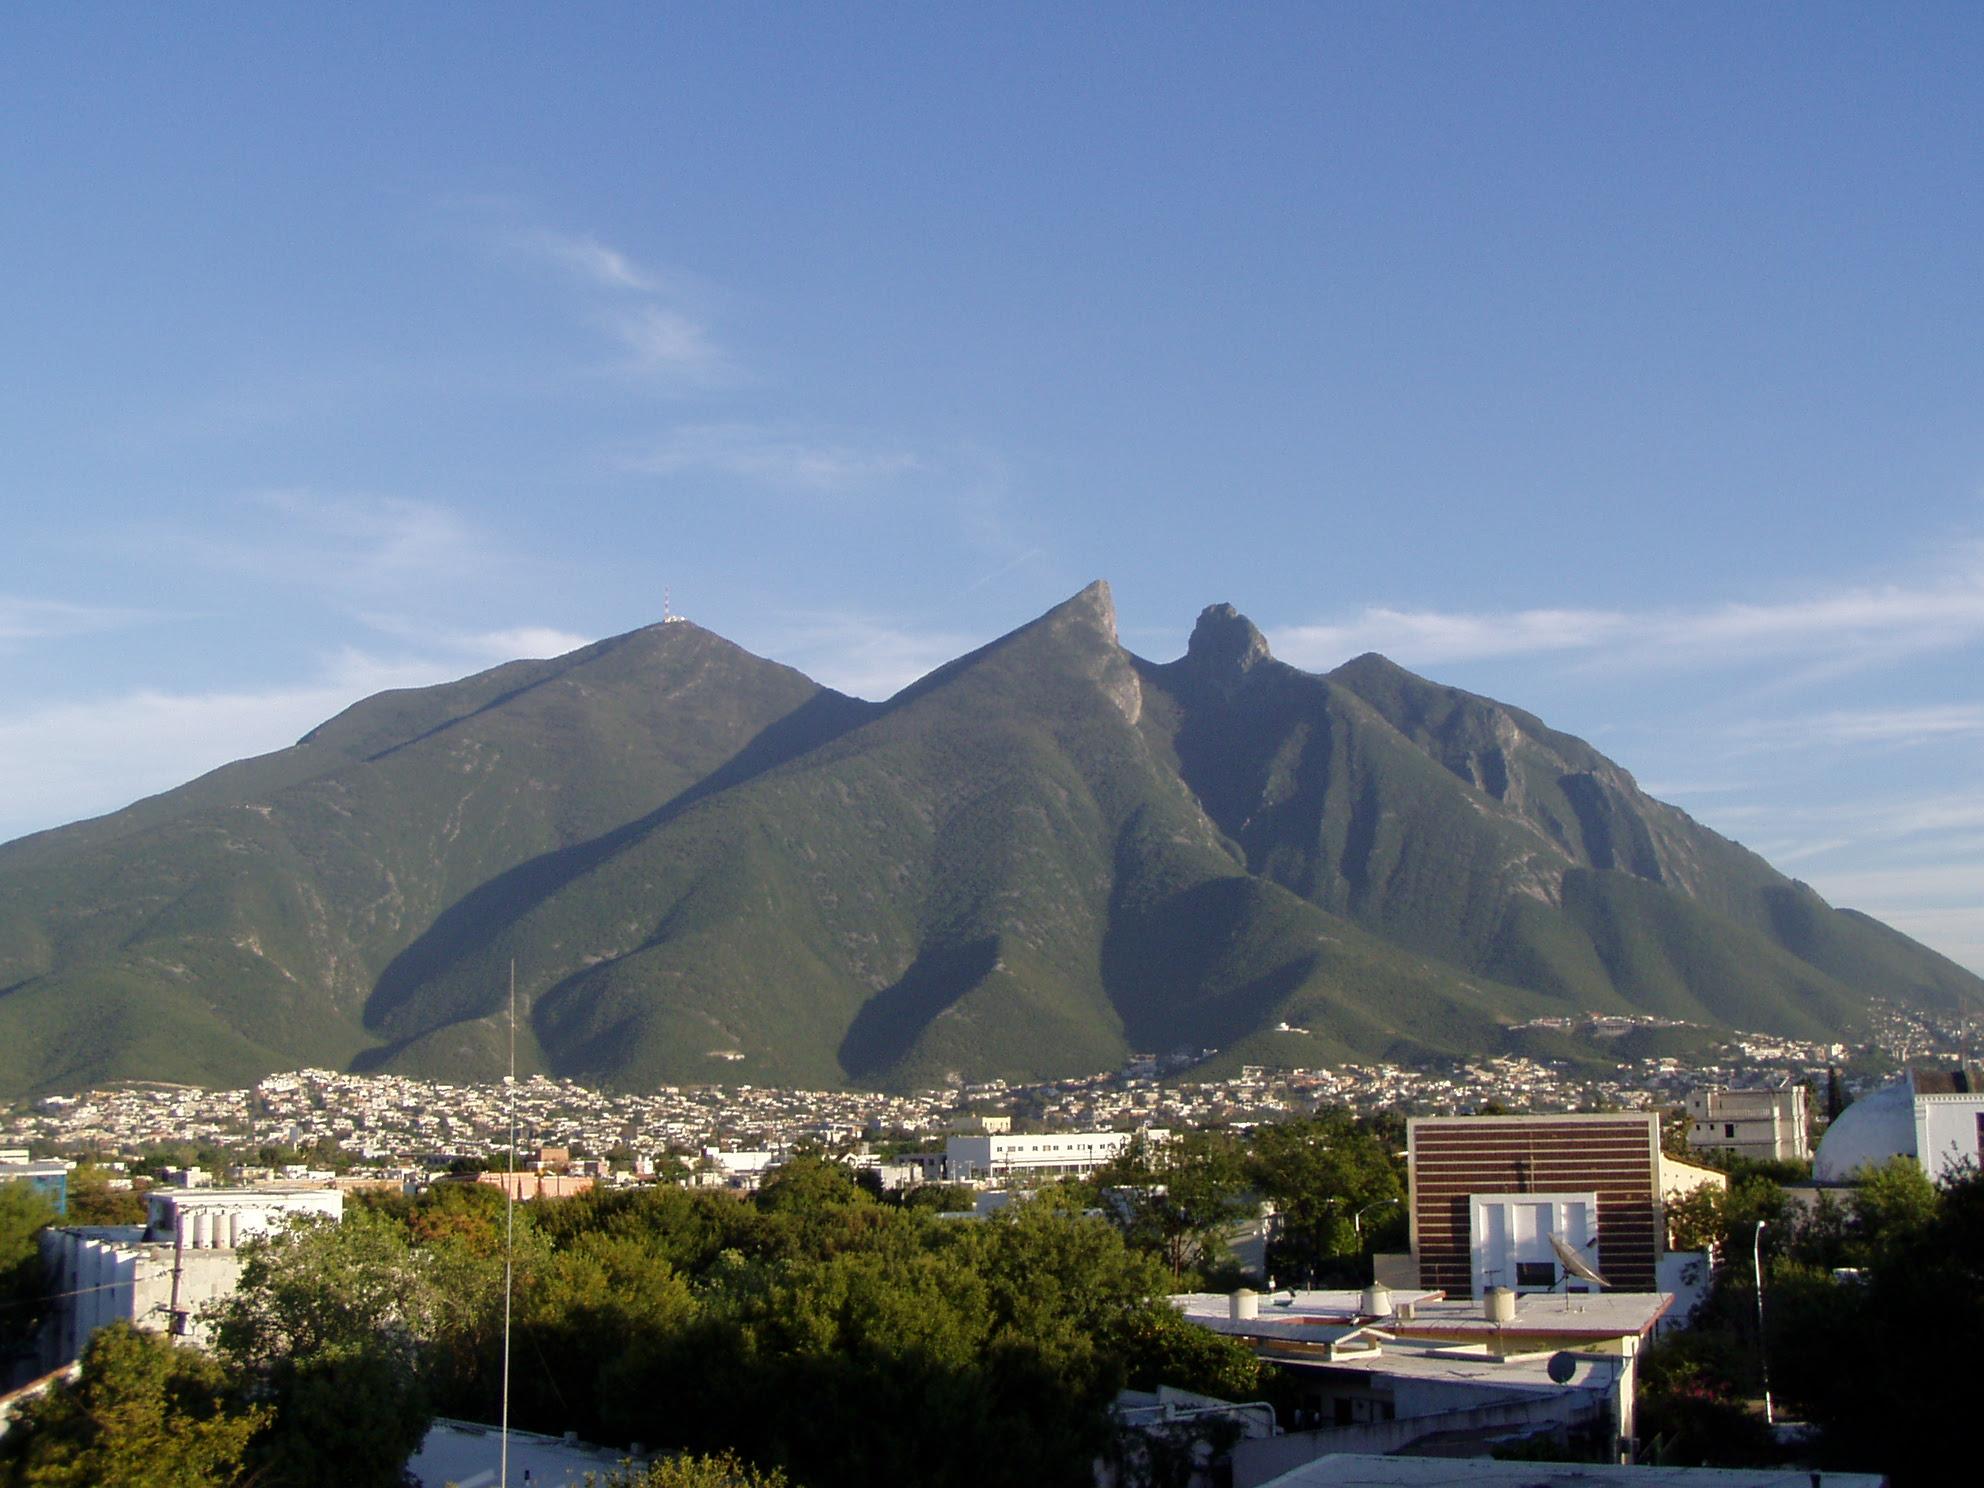 Cerro de la Silla, Nuevo León, México, Monumento